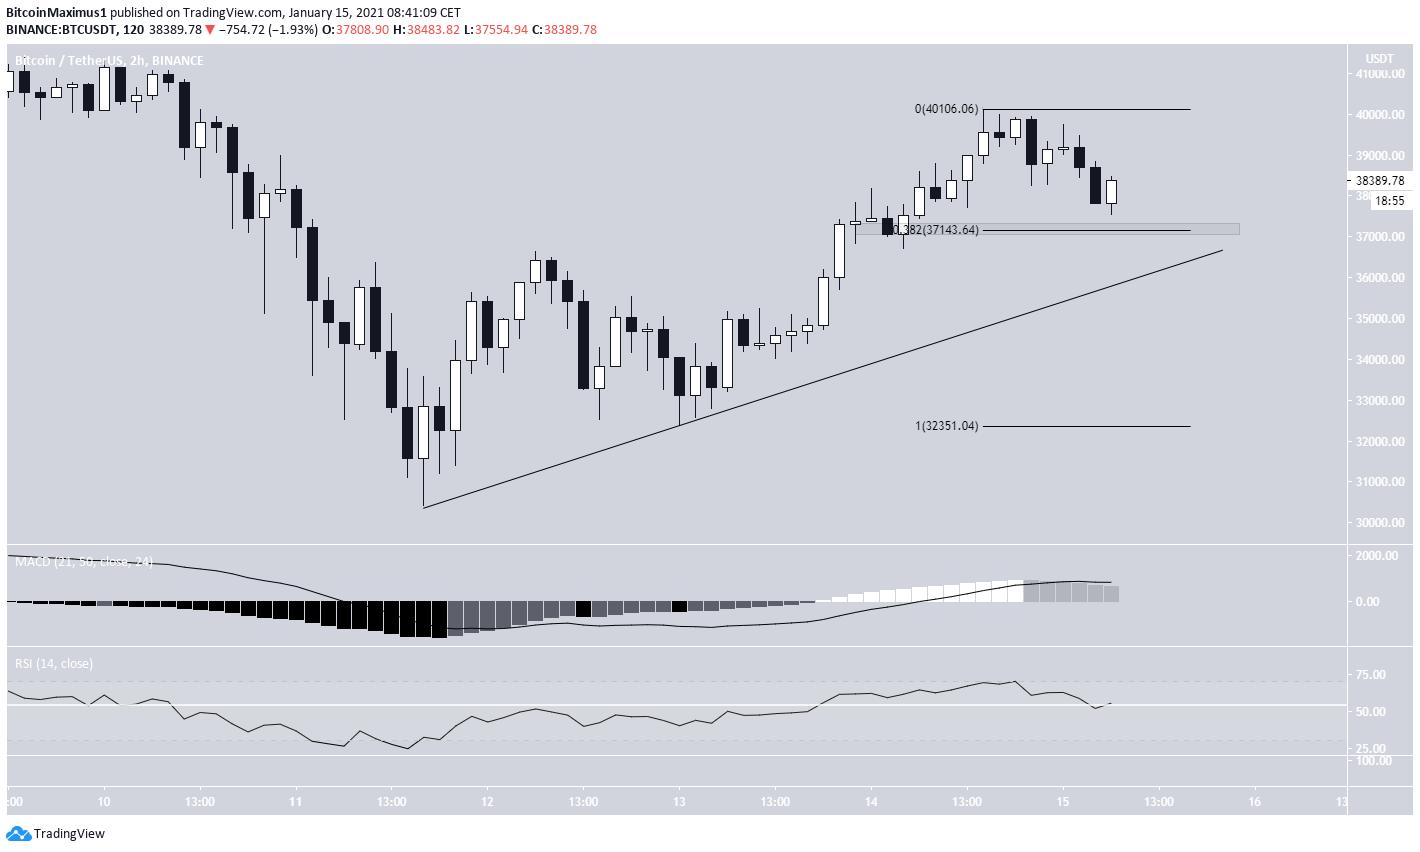 BTC Short-Term chart